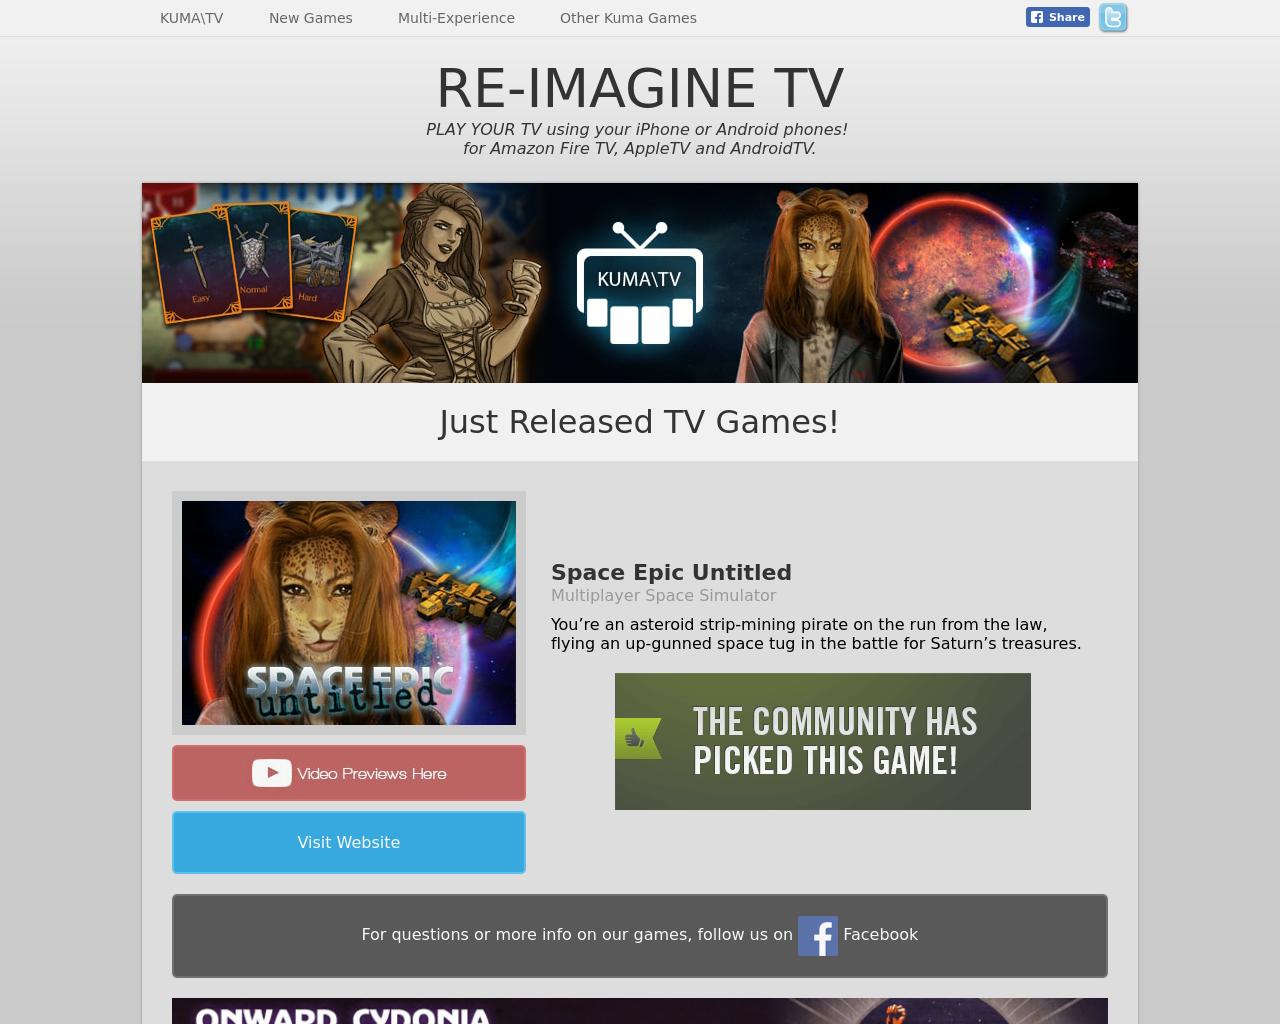 Kuma-Games-Advertising-Reviews-Pricing